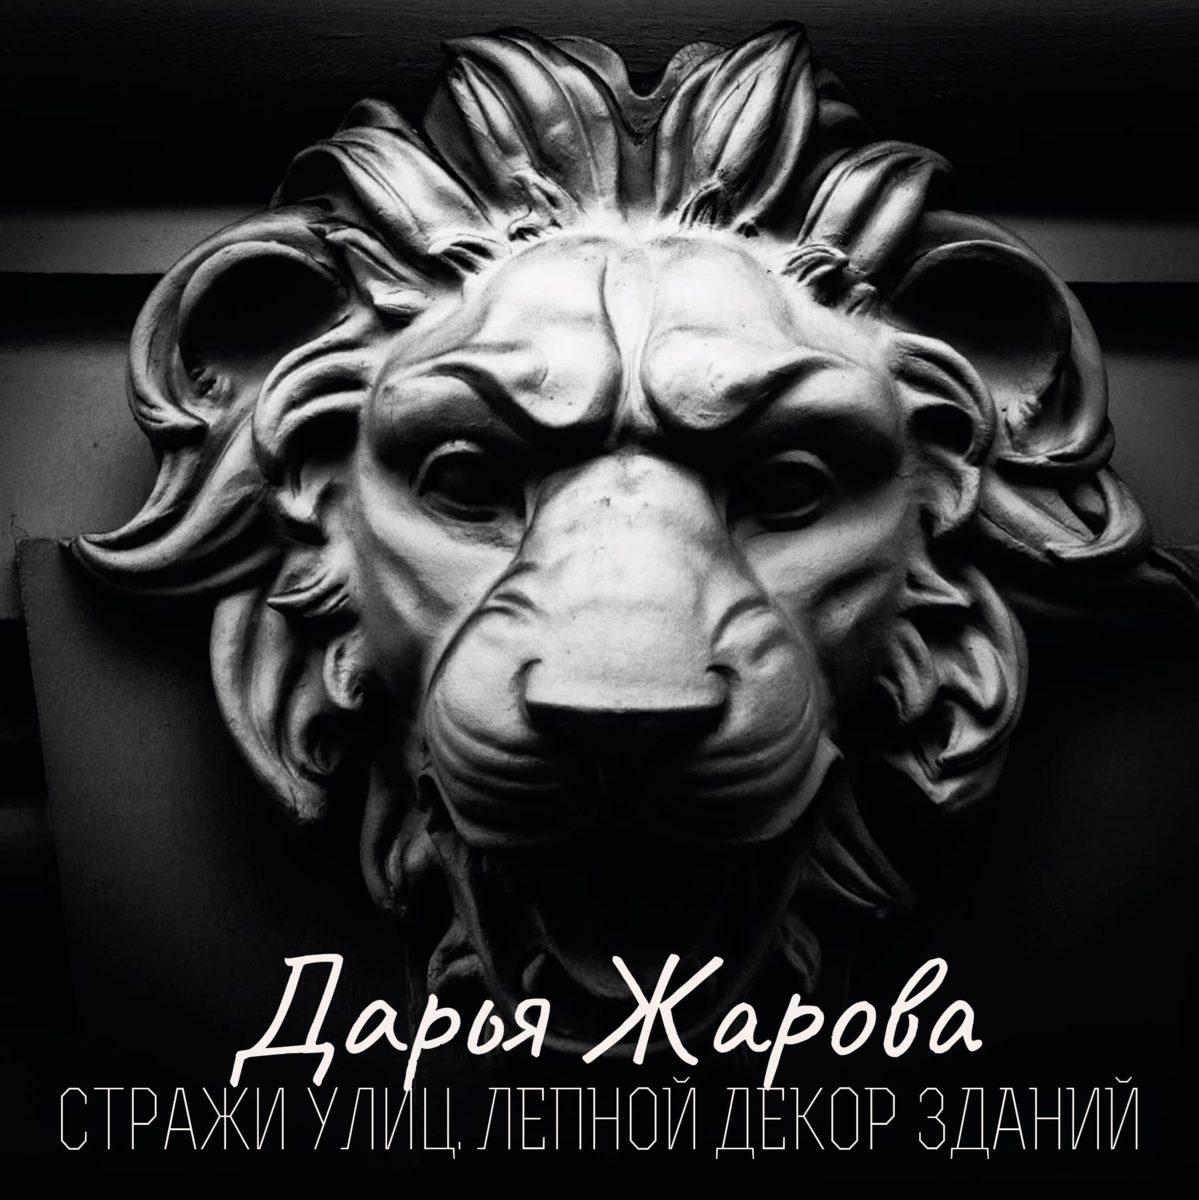 Виртуальная выставка «Стражи улиц» от ДК «Гайдаровец» – события на сайте «Московские Сезоны»